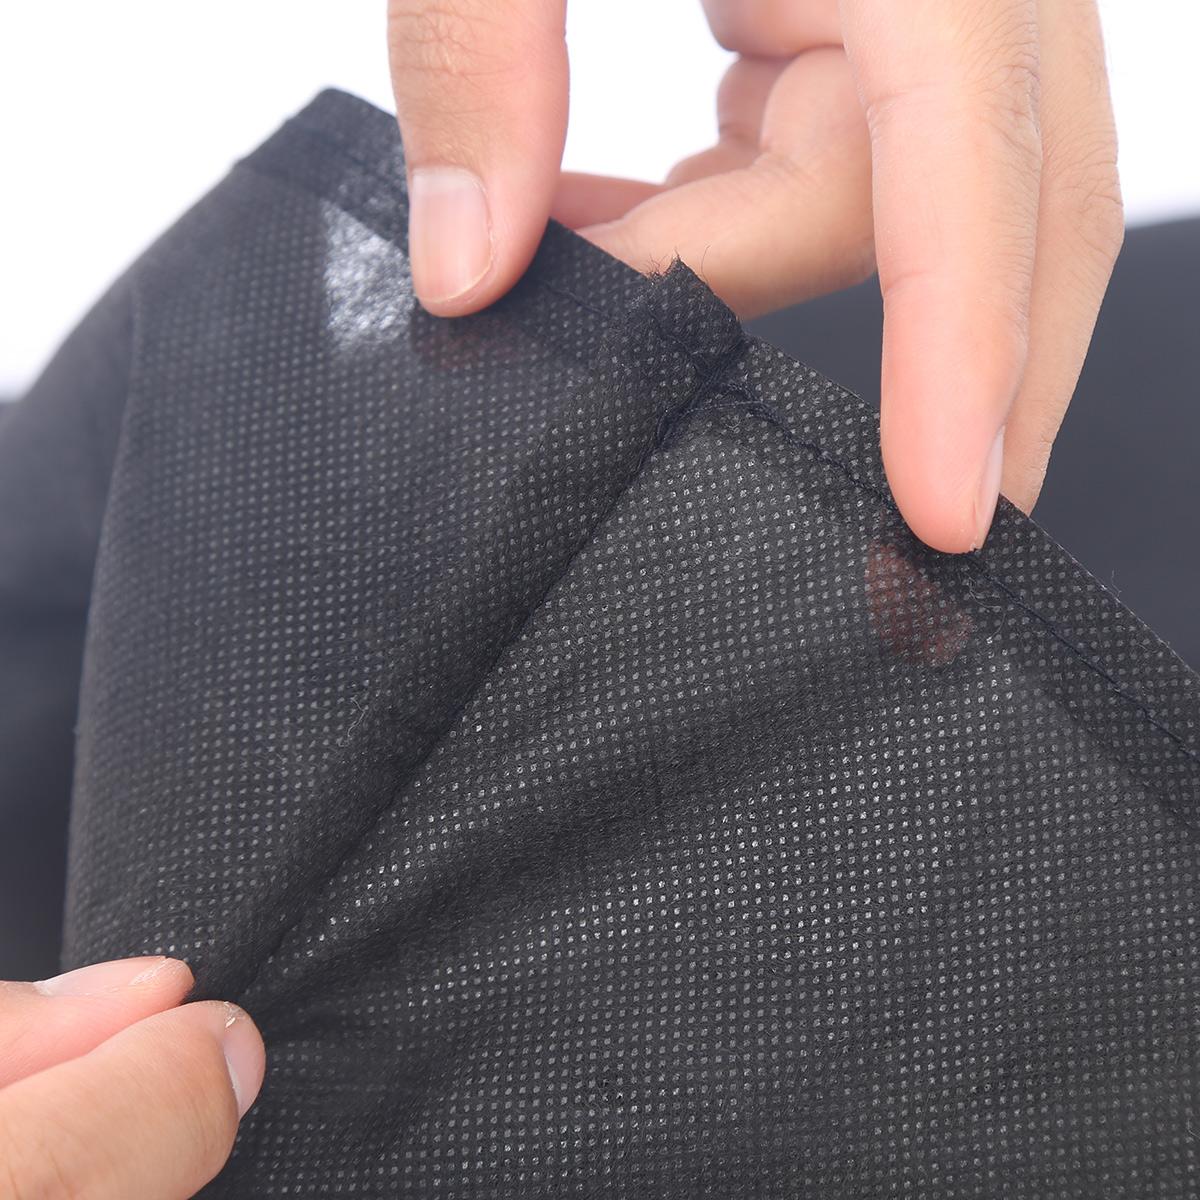 防尘罩折叠床罩单人午休床折叠陪护床套防脏收纳罩防尘袋储藏床罩